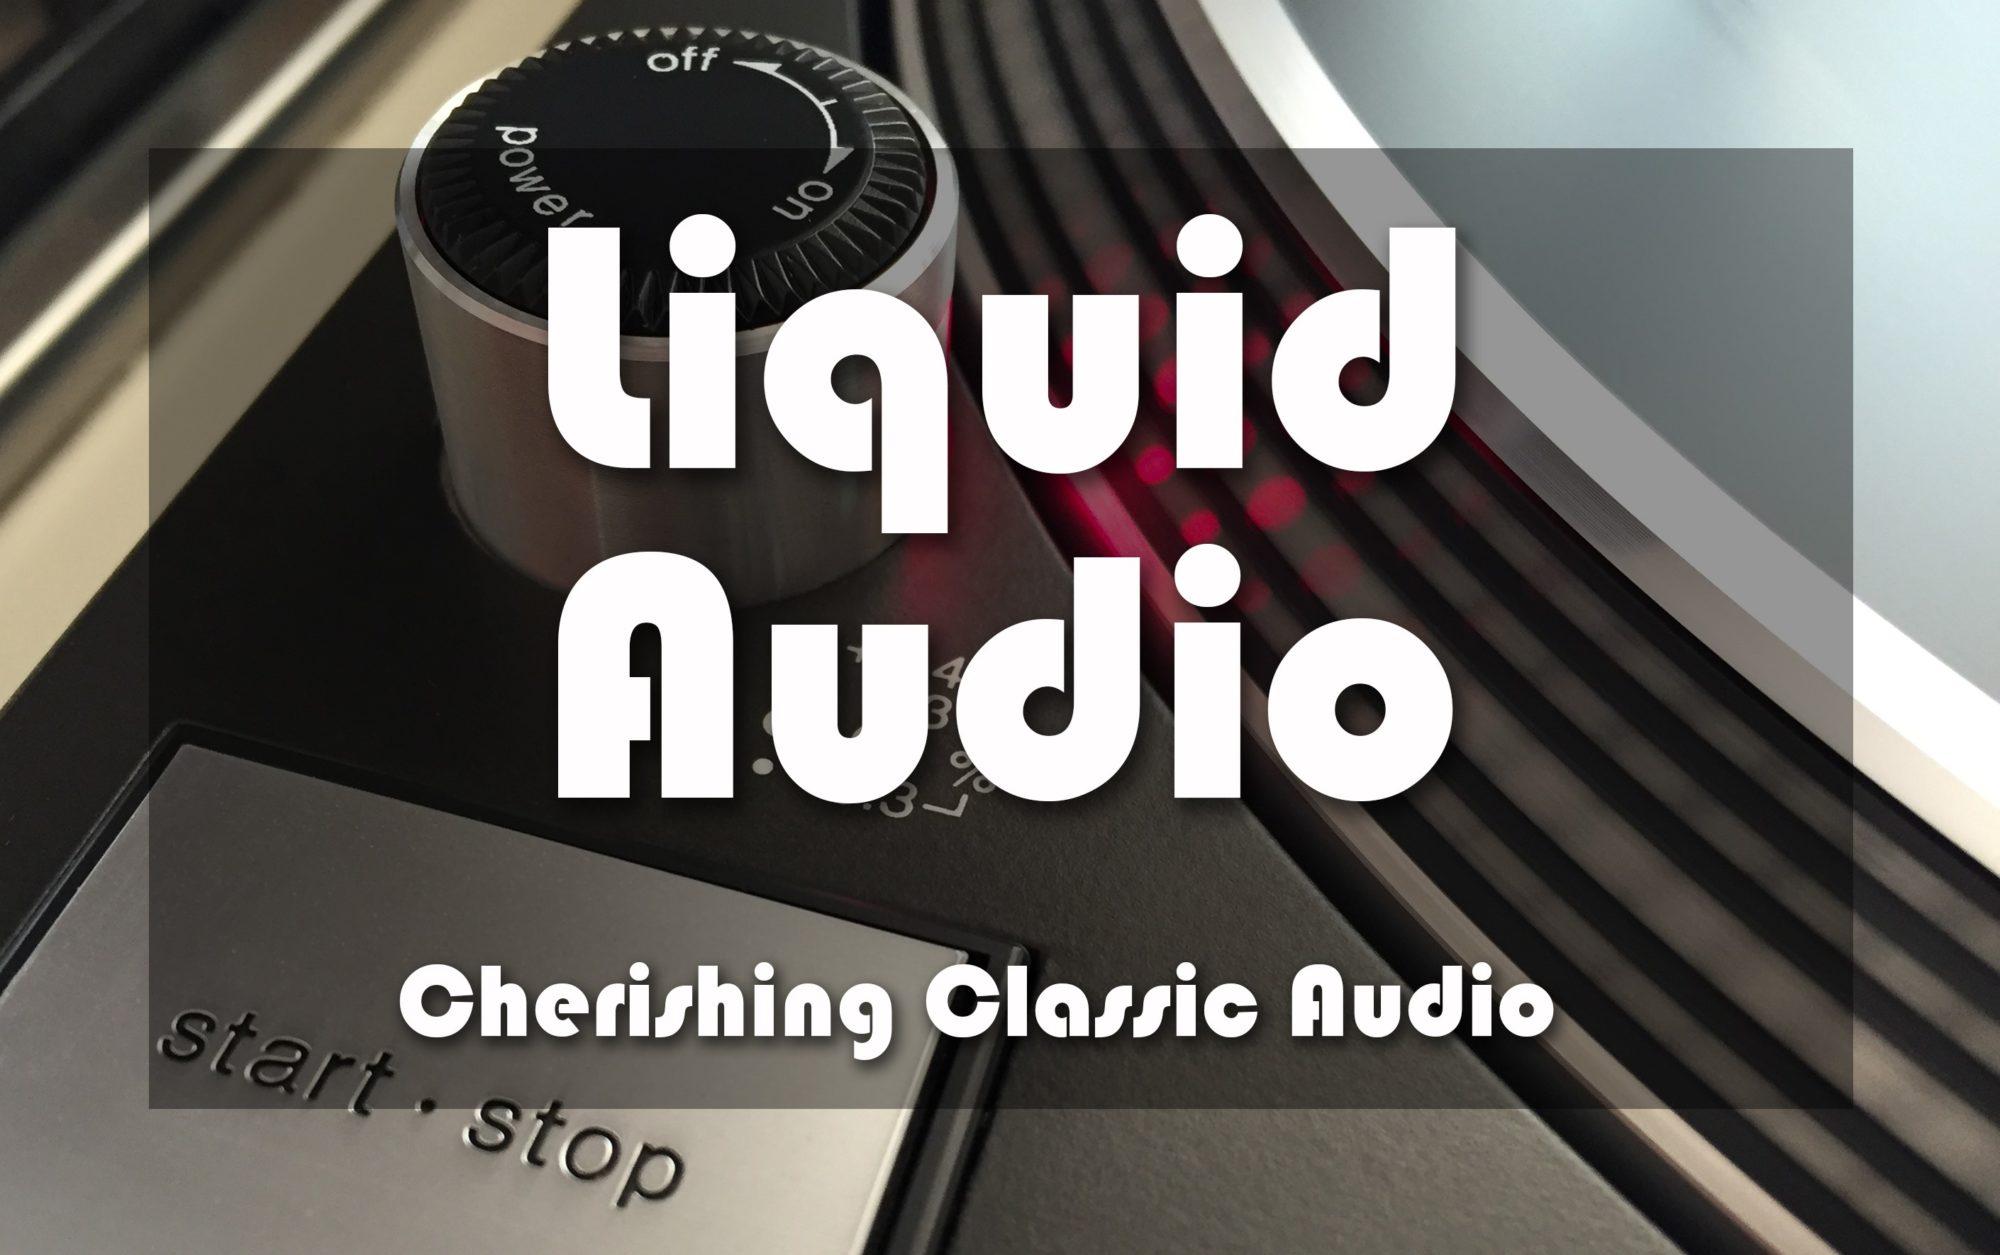 Classic Hi-Fi Service & Repair